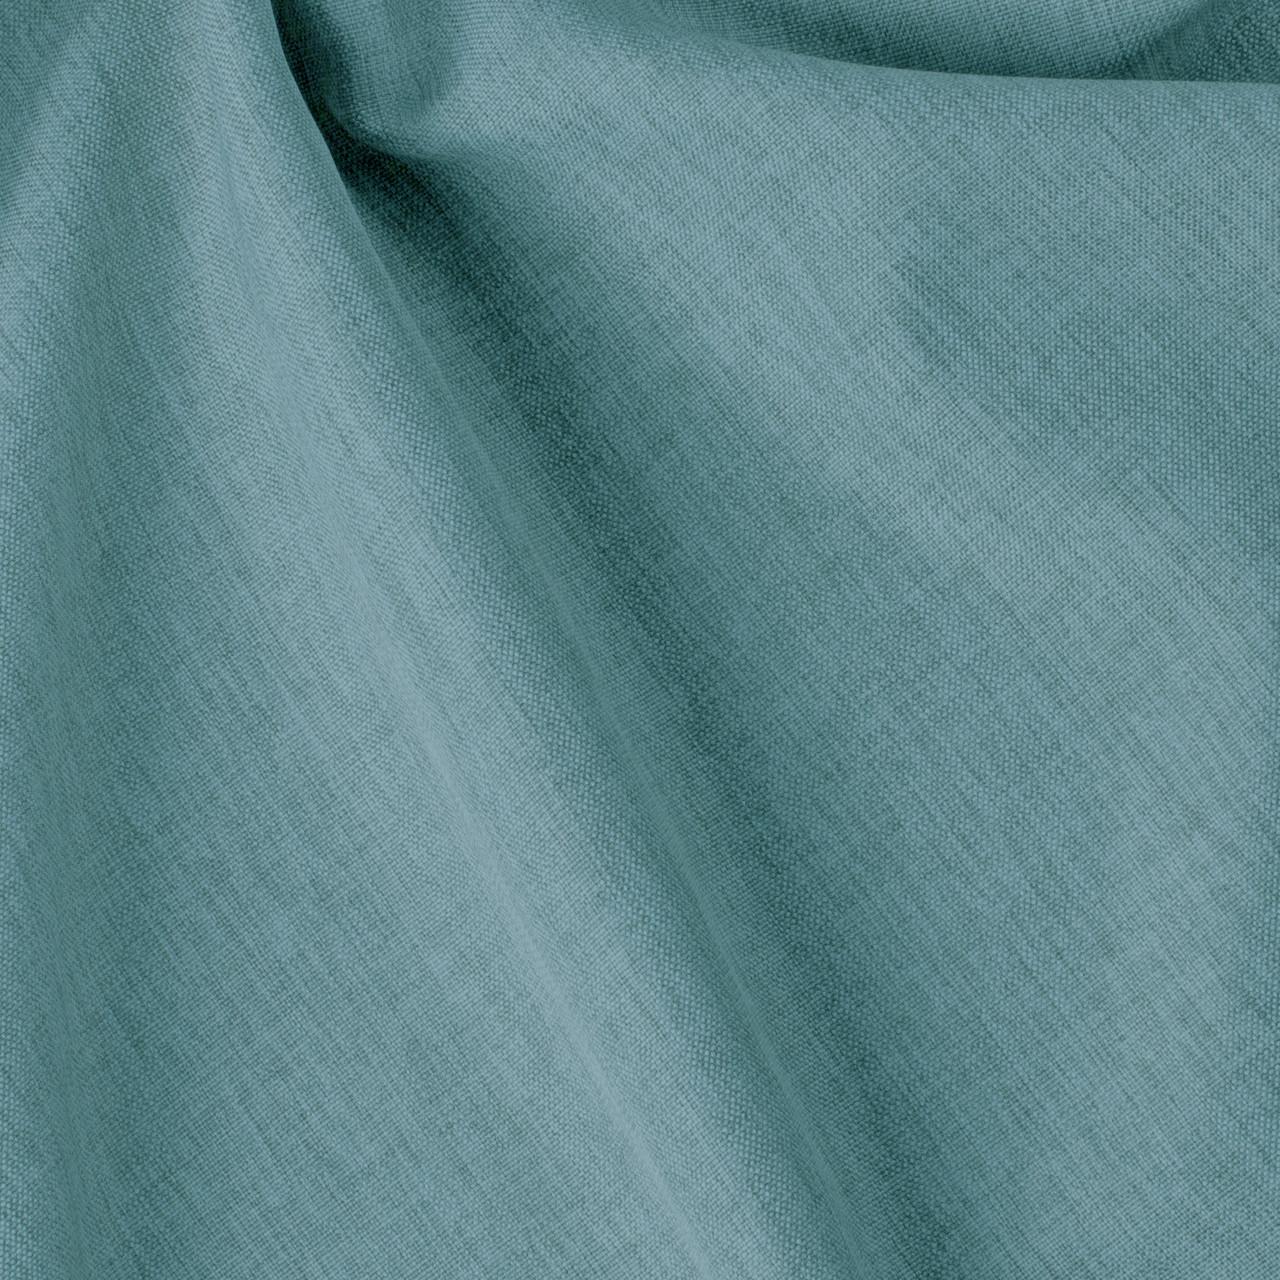 Декоративная однотонная ткань голубого цвета фактурная 84470v25